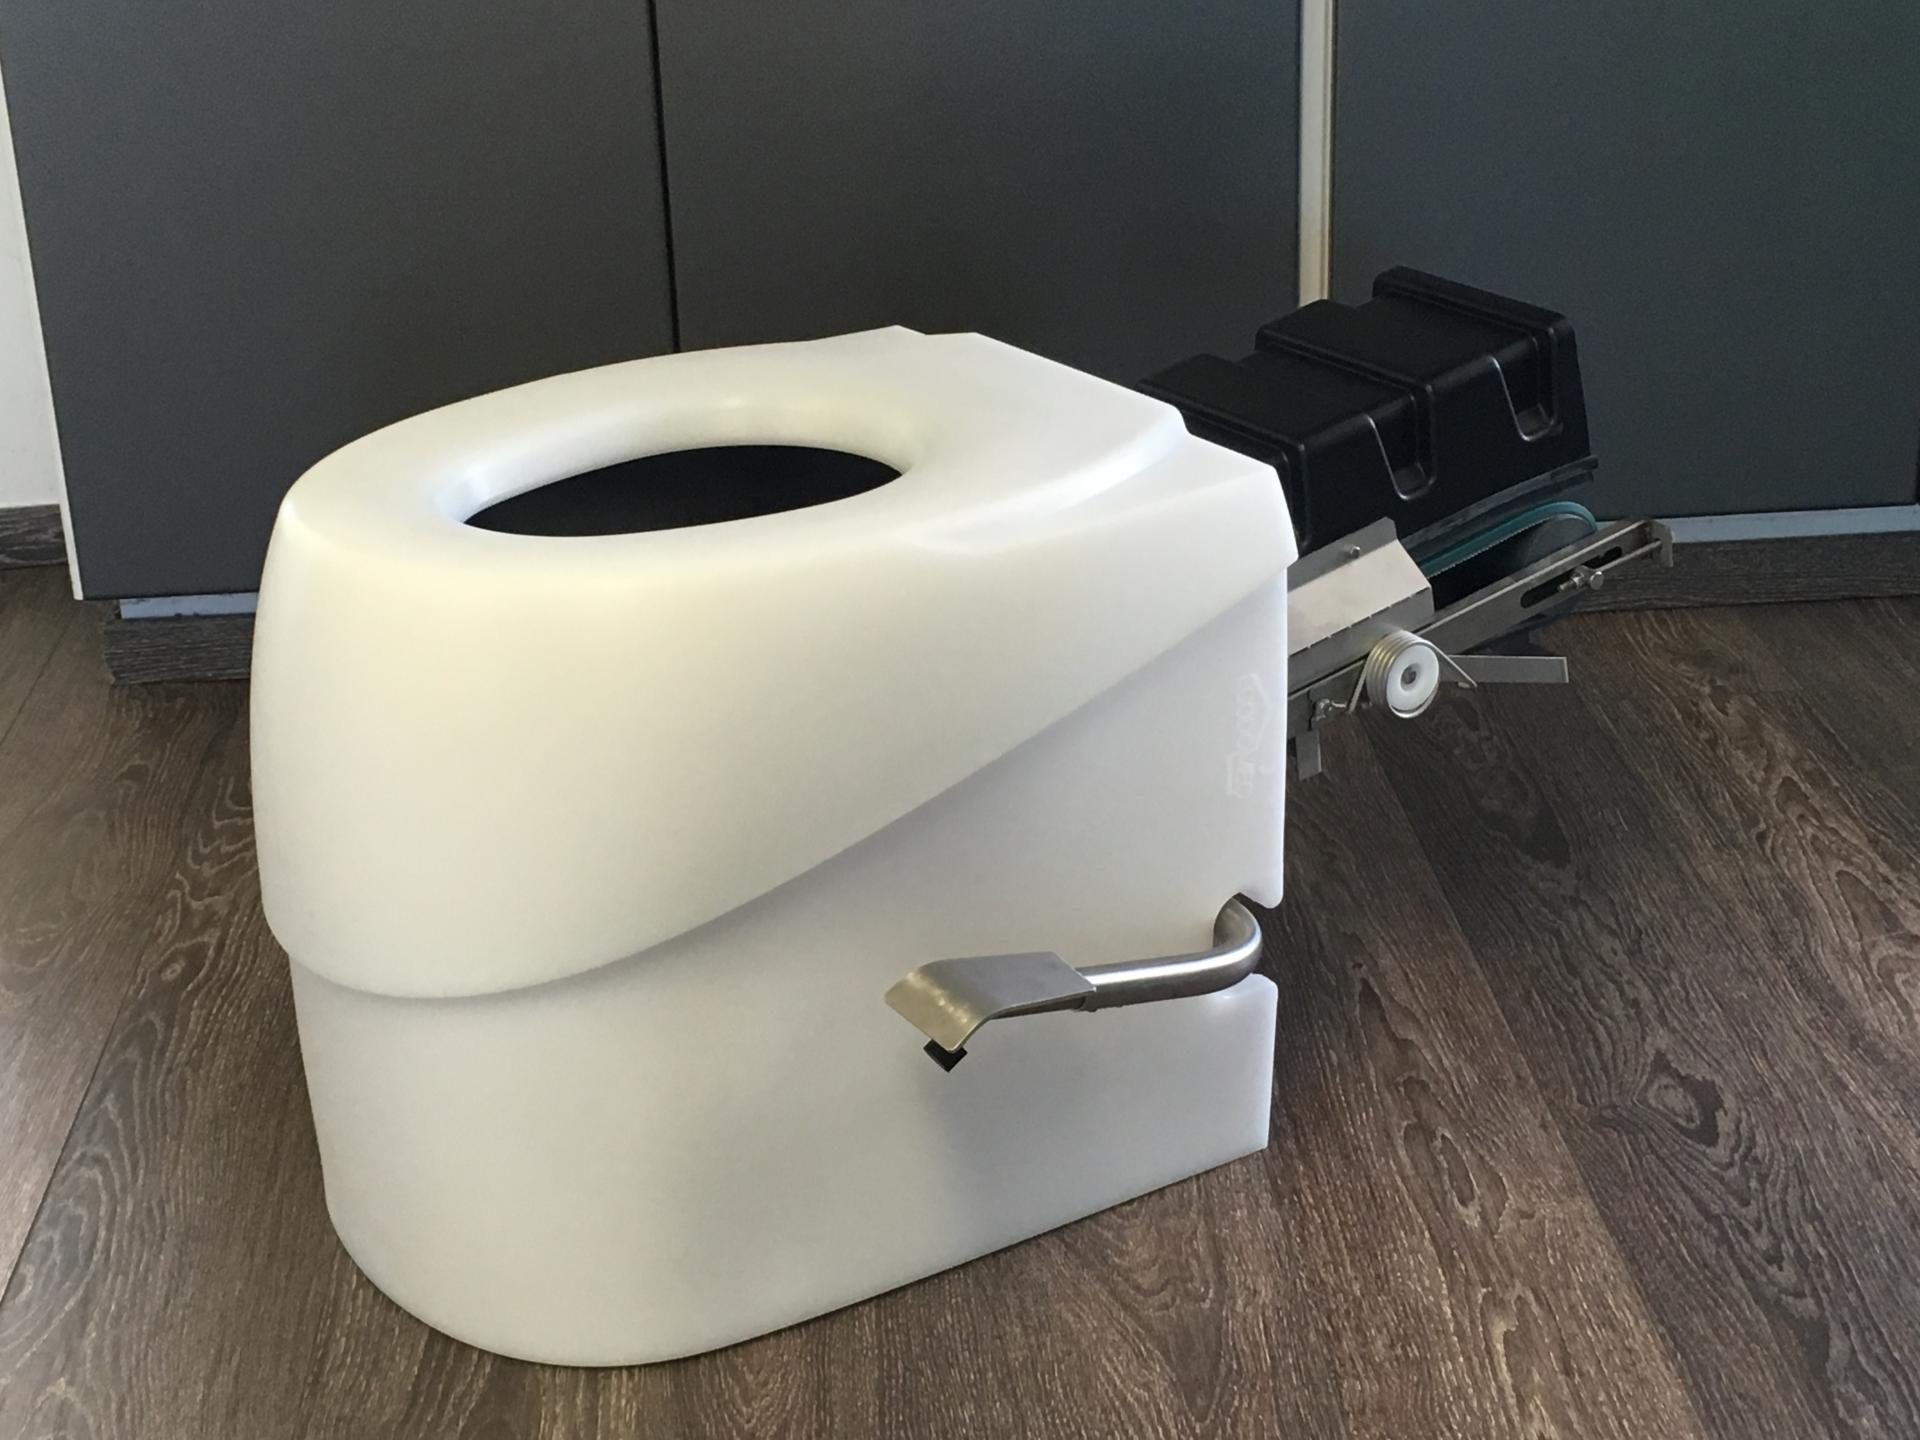 Toilette seche ecodomeo tentale